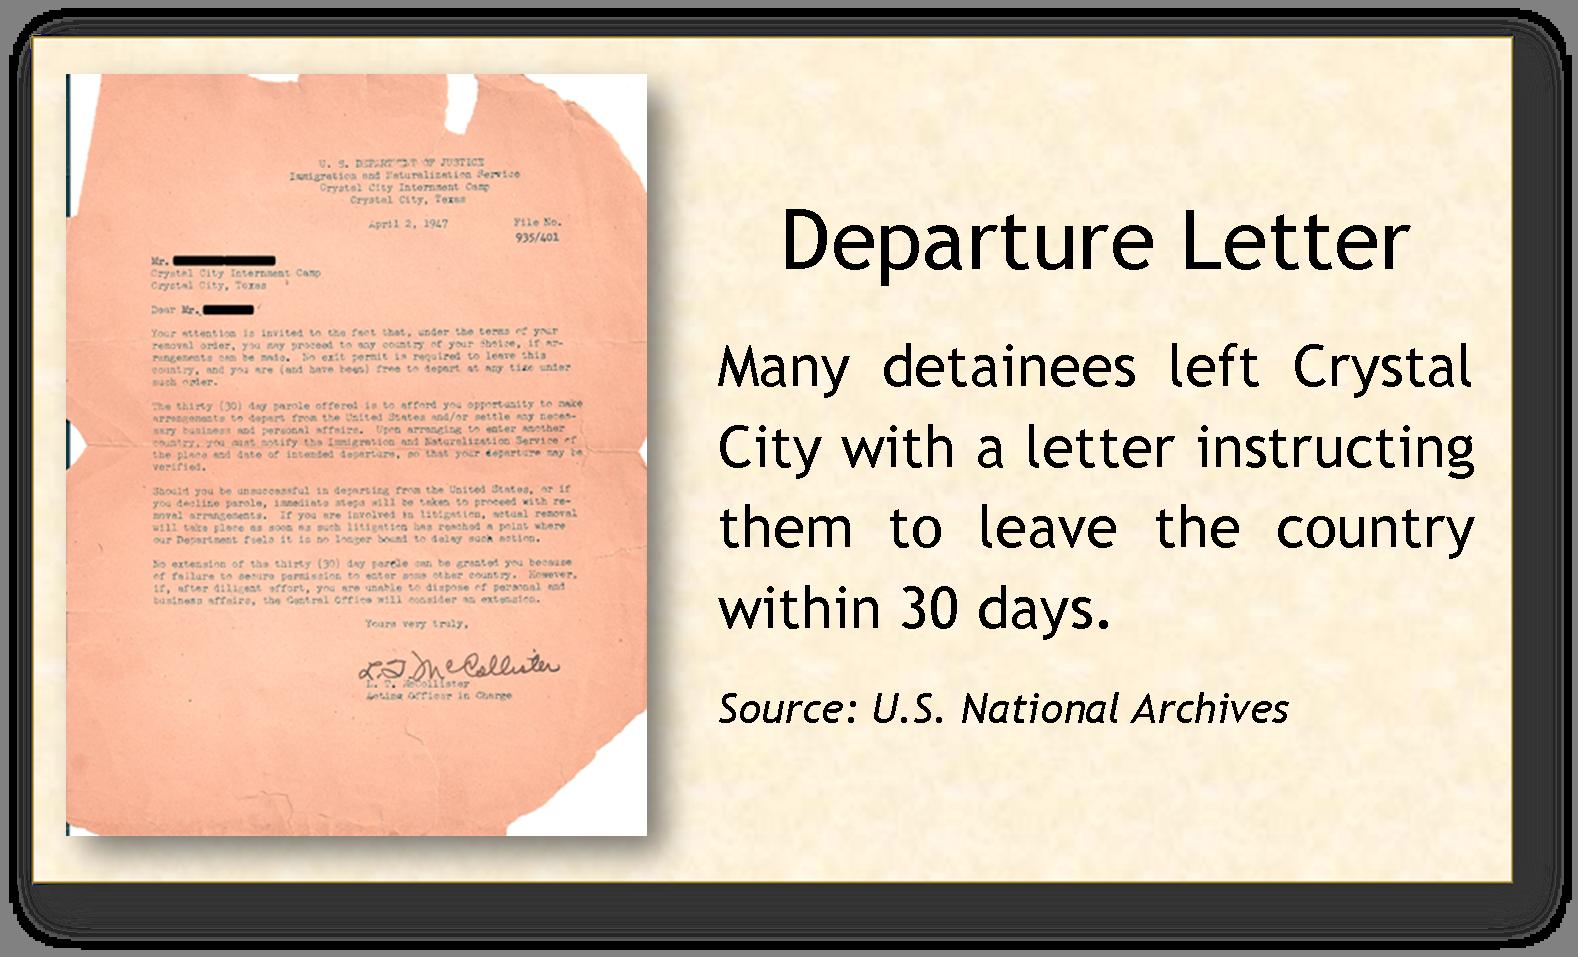 Departure Letter.png